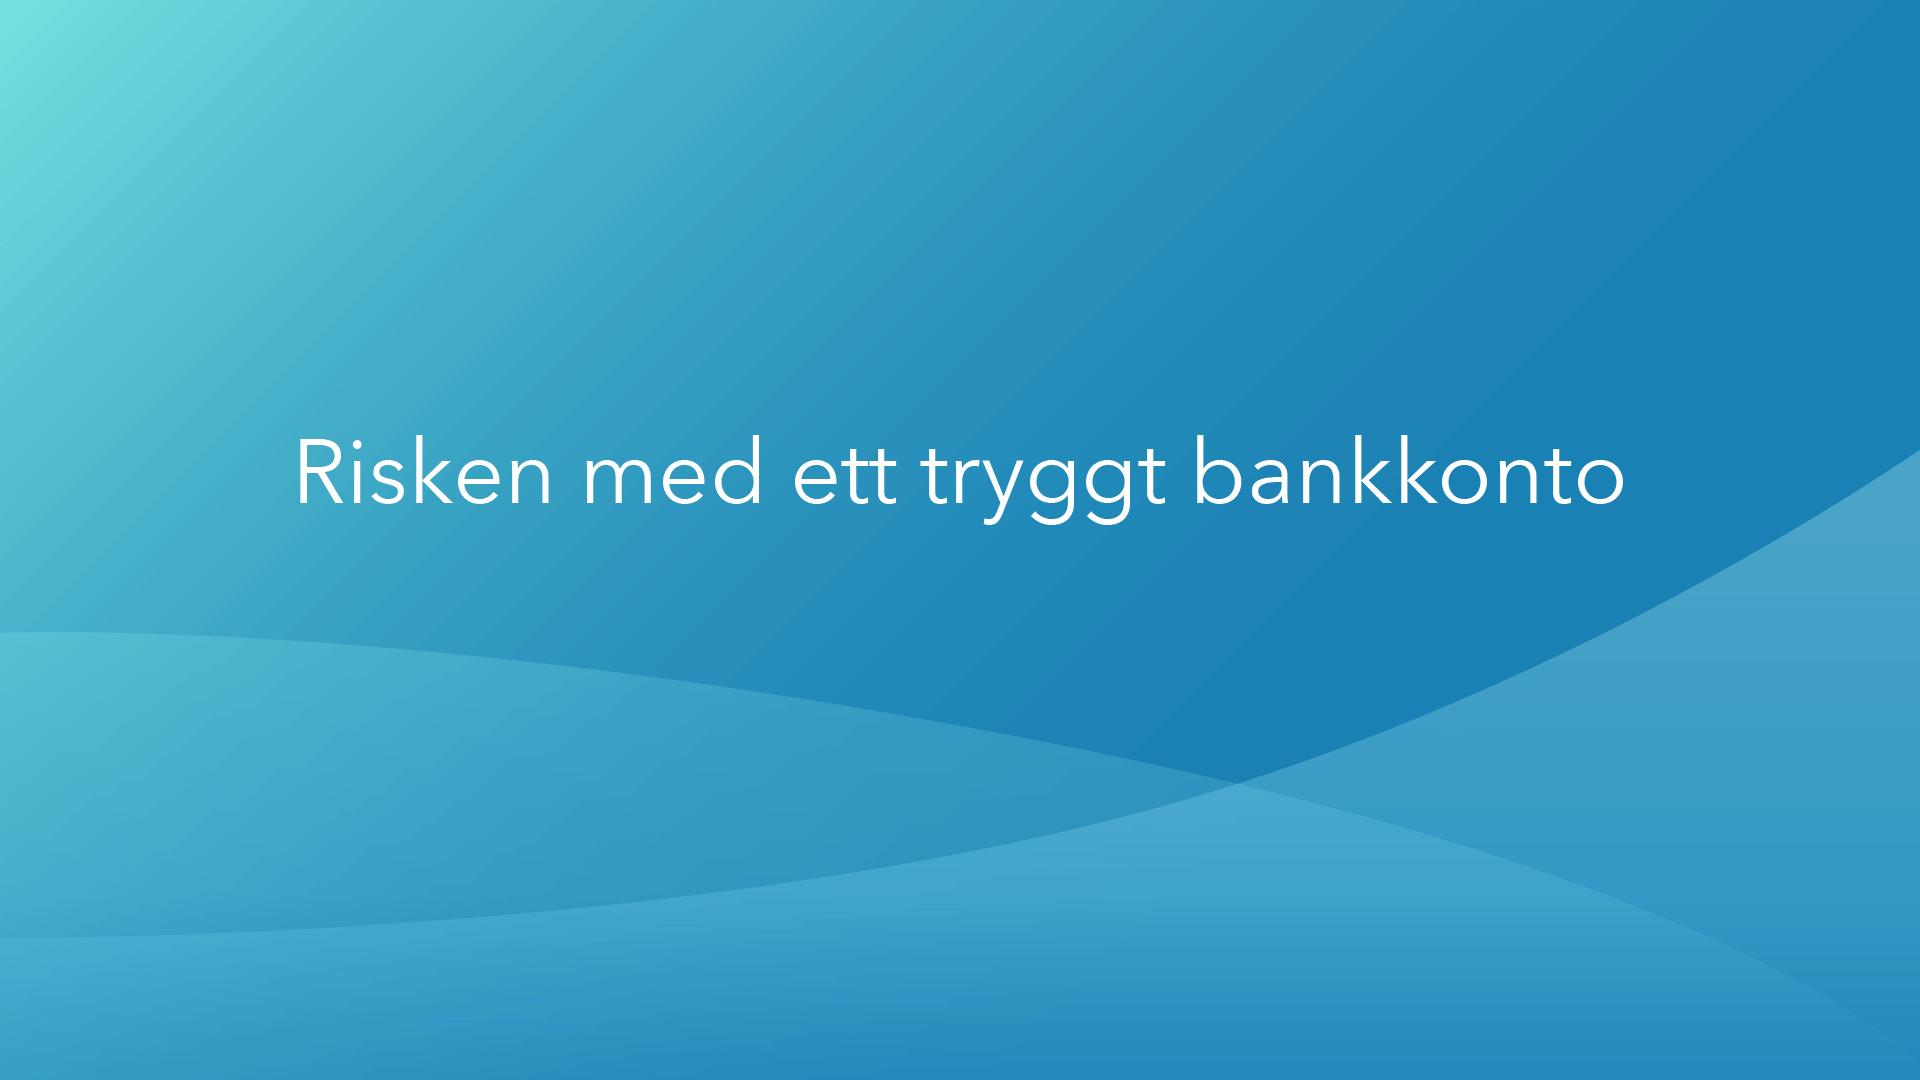 Risken-med-ett-tryggt-bankkonto